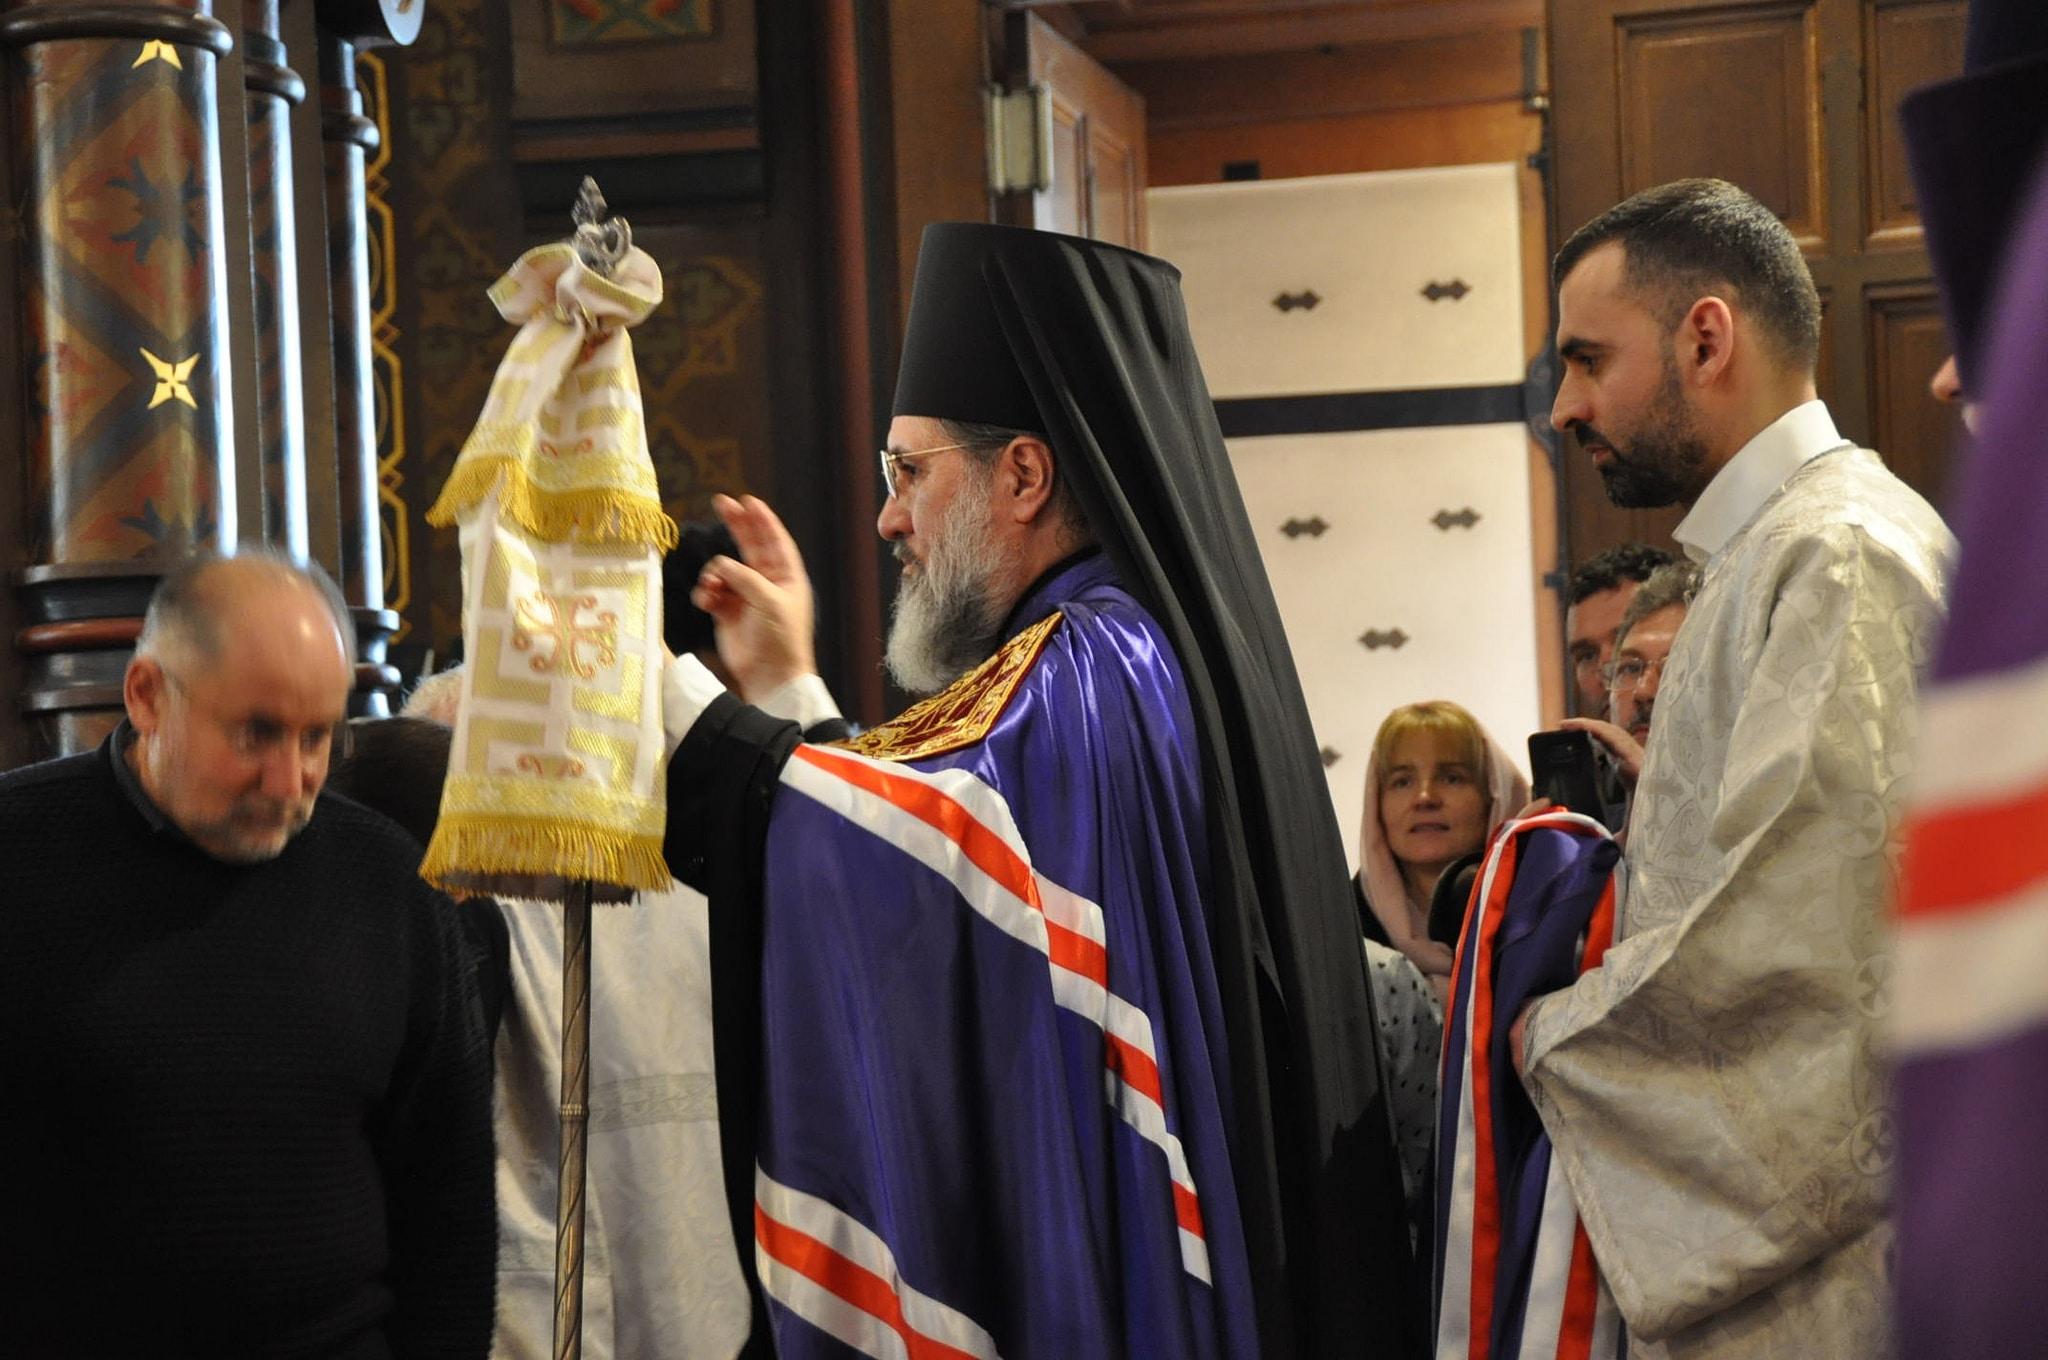 L'évêque Alexandre bénit l'assemblée (© 2019 Alex Romash).